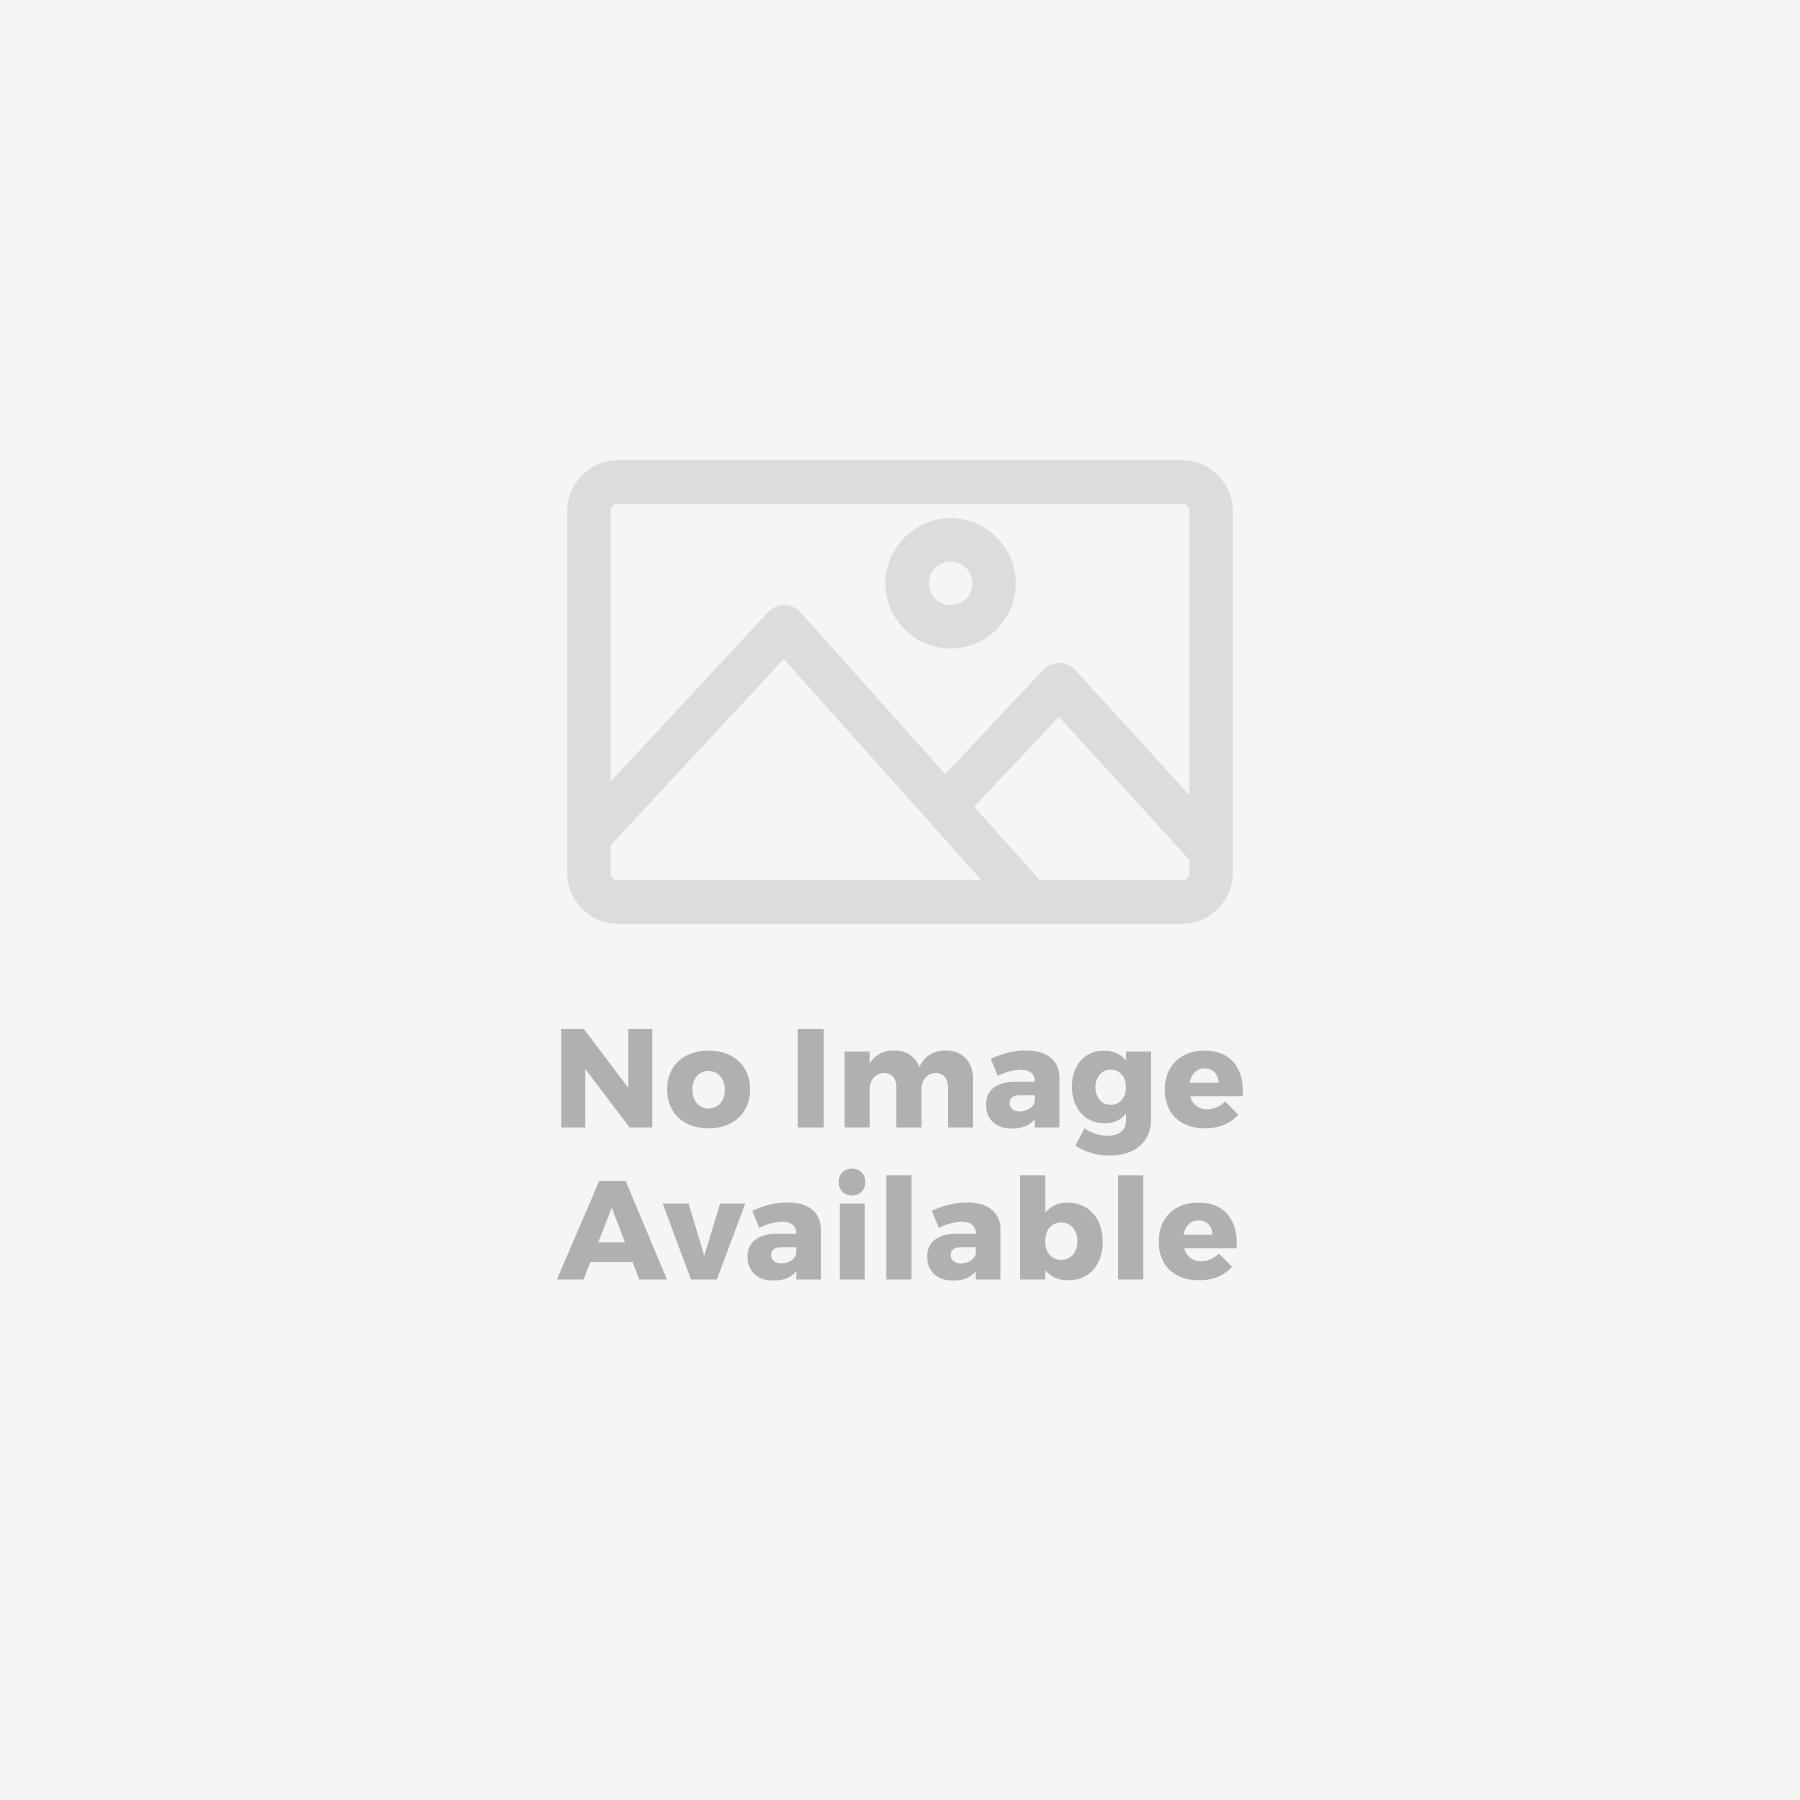 MODERNE - Golden Arc Sculpture